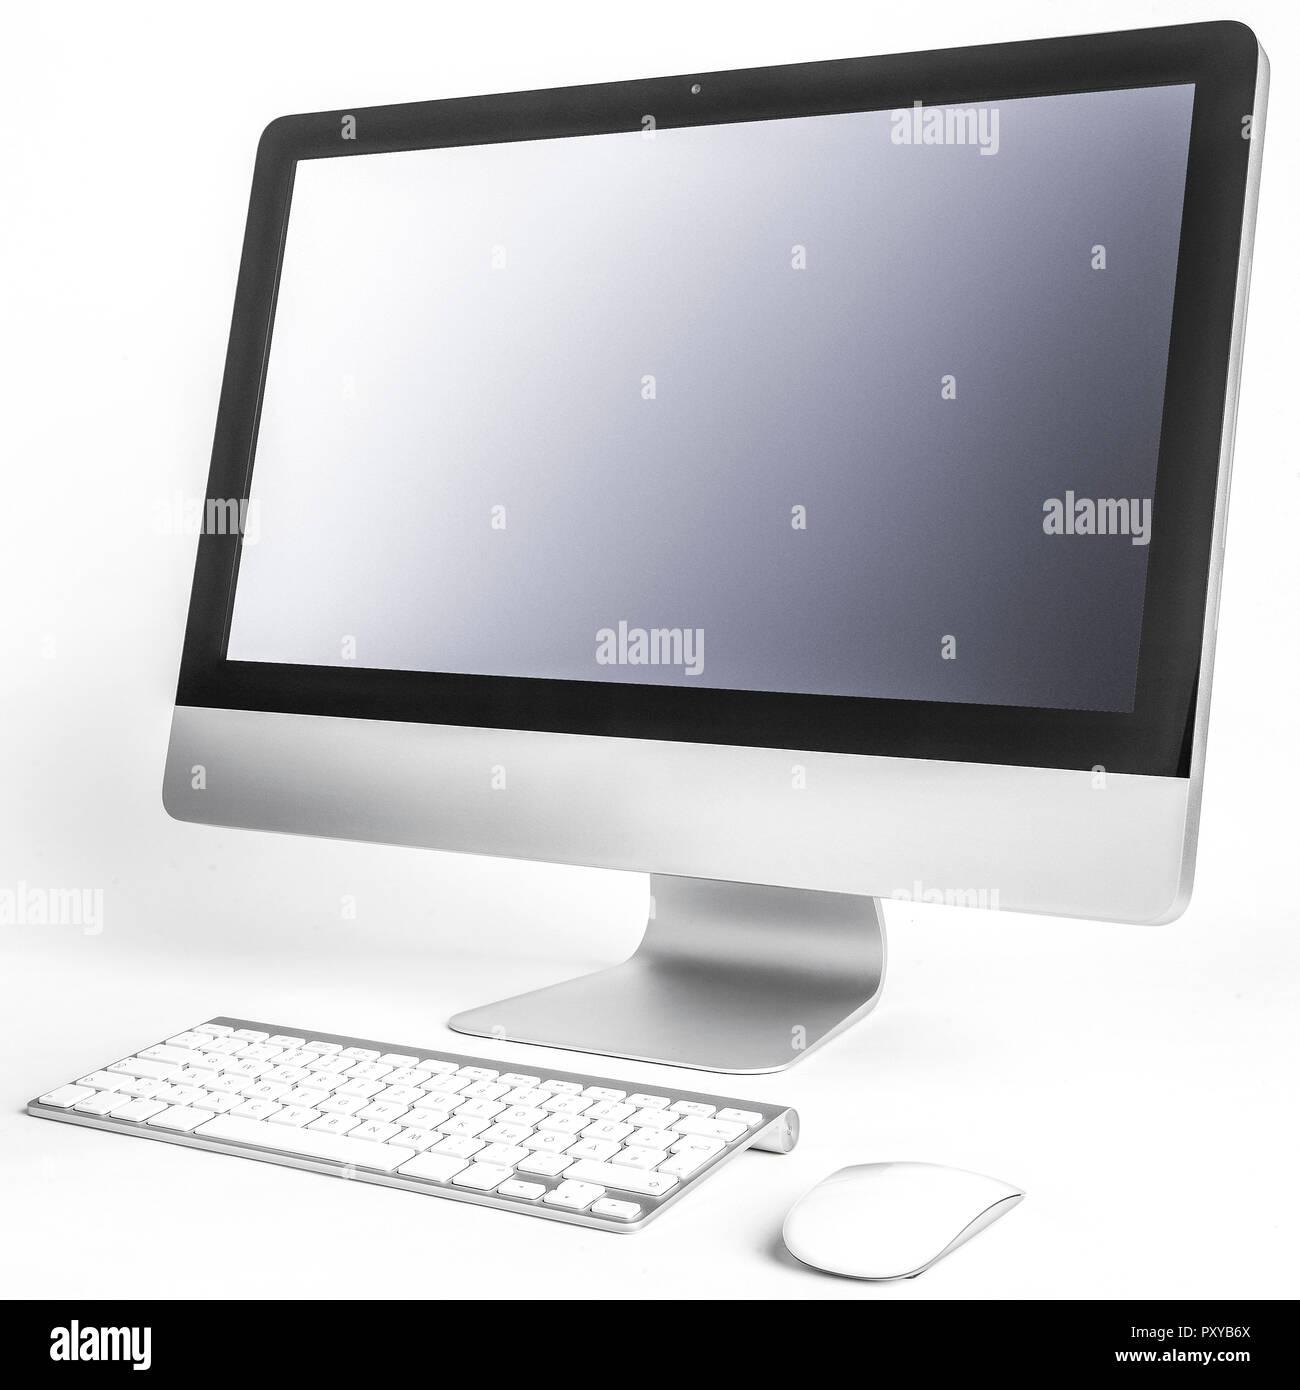 iMac, Rechner, Bildschirm, Tastatur, Mouse - Stock Image